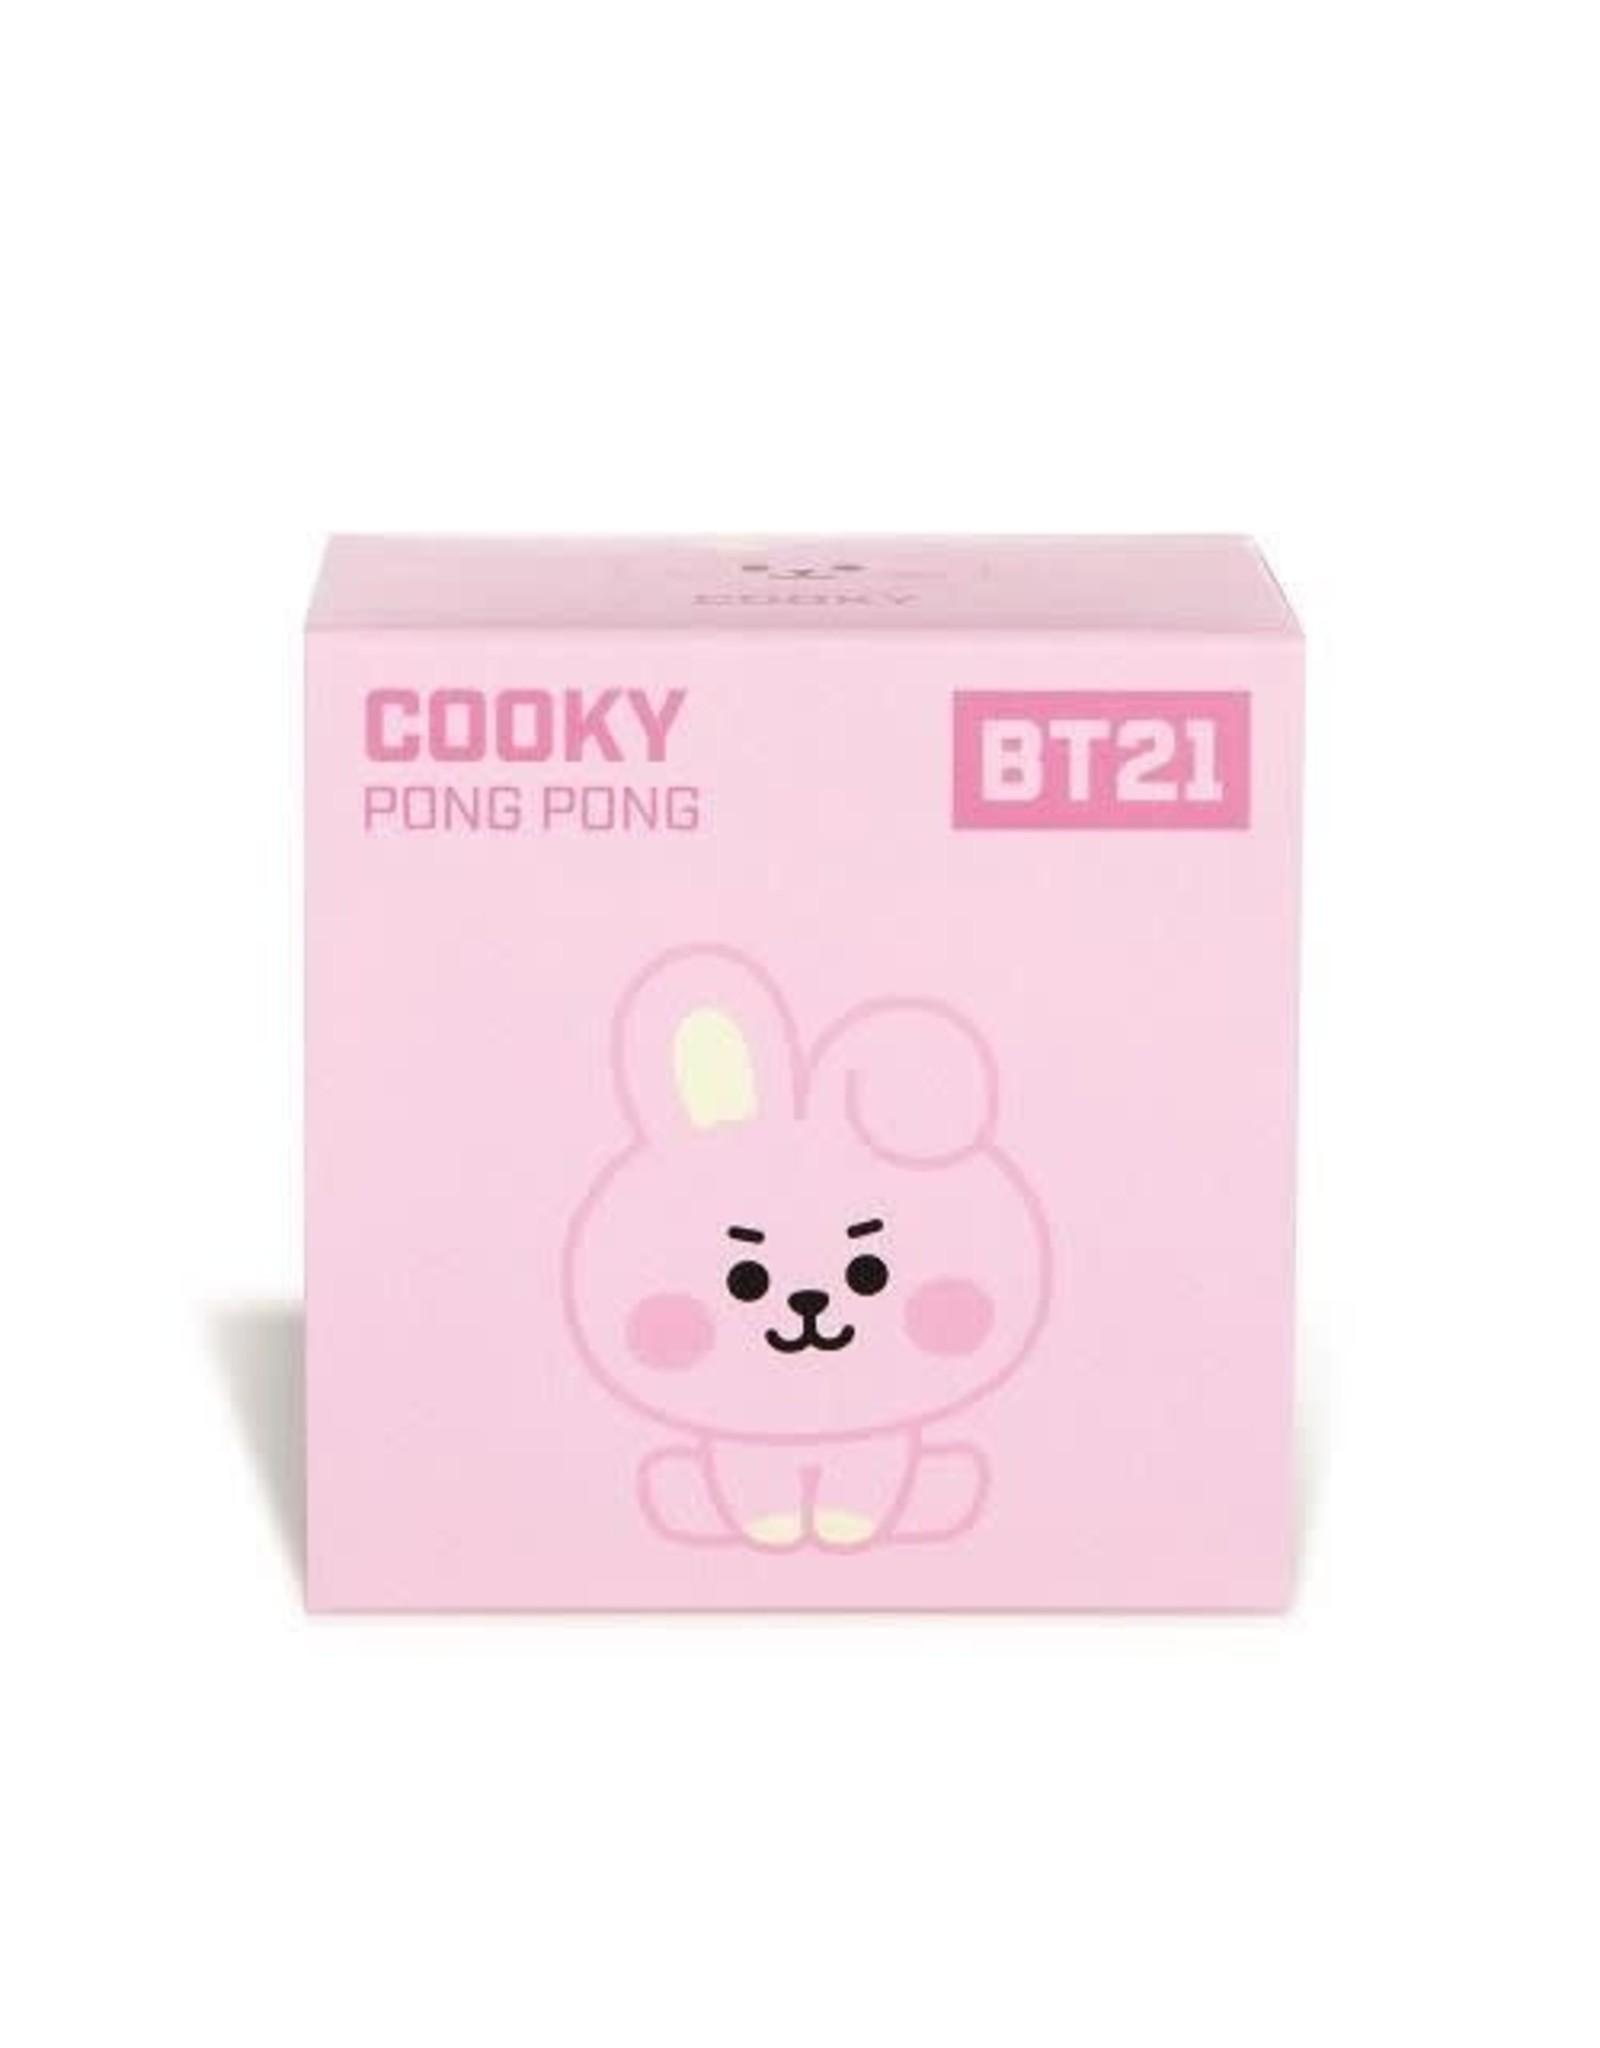 BT21 - Pong Pong Baby Cooky - 8 cm